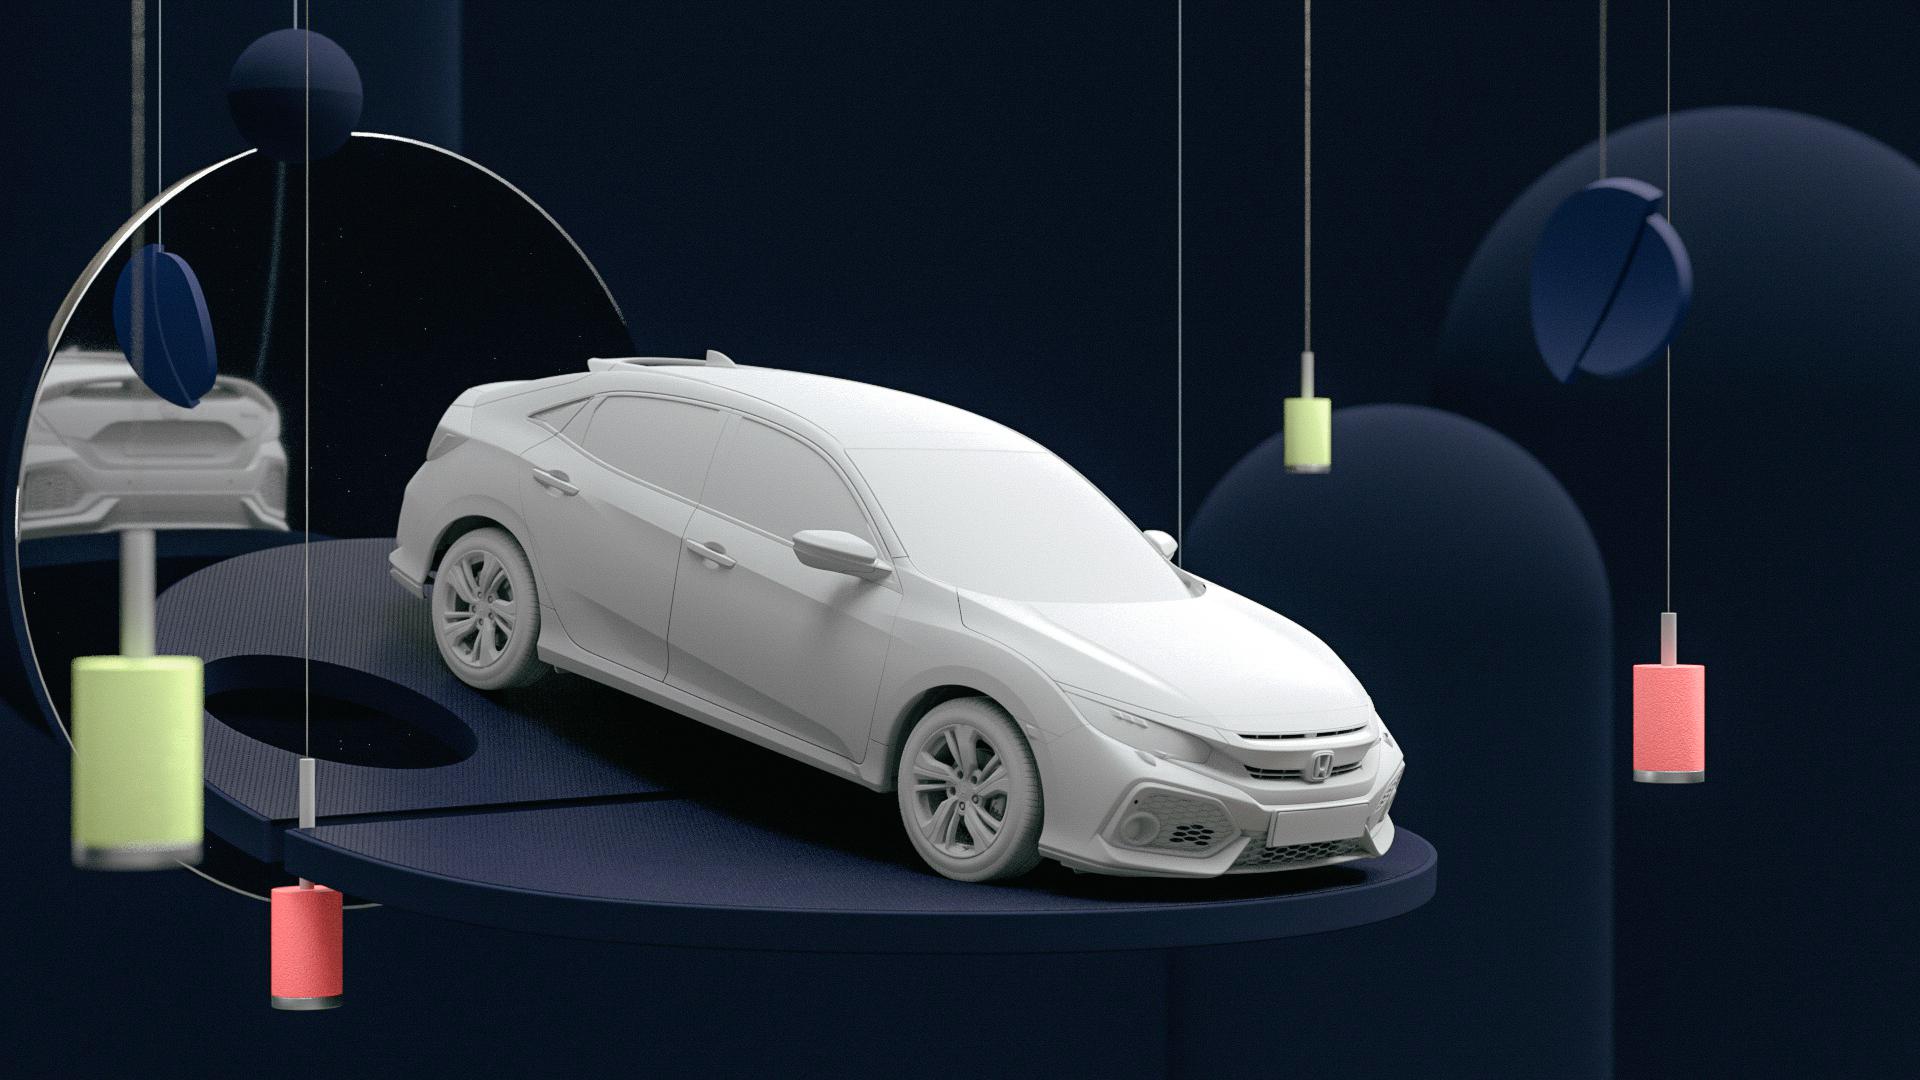 Honda_W03-LookDev_maw_v04.jpg